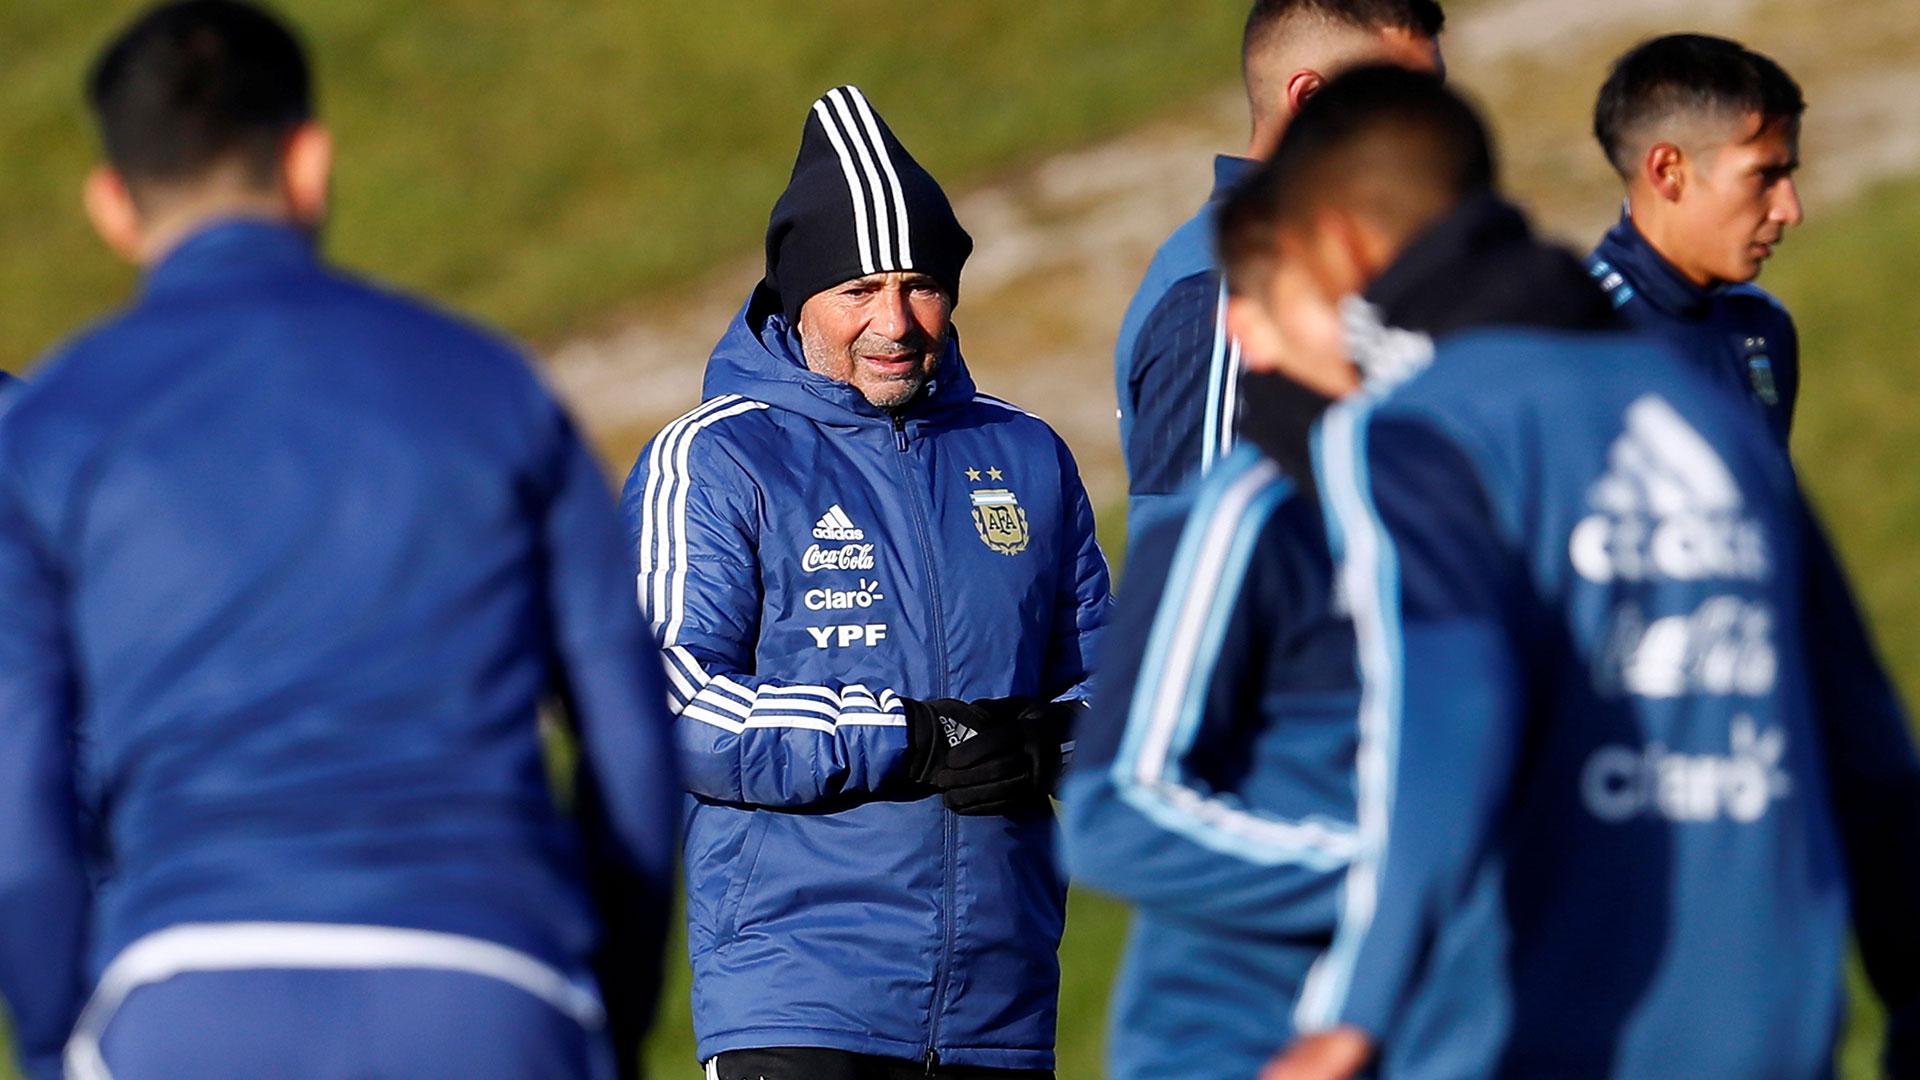 Los compromisos ante Italia y España le servirán al entrenador para definir la nómina de 23 jugadores para el Mundial